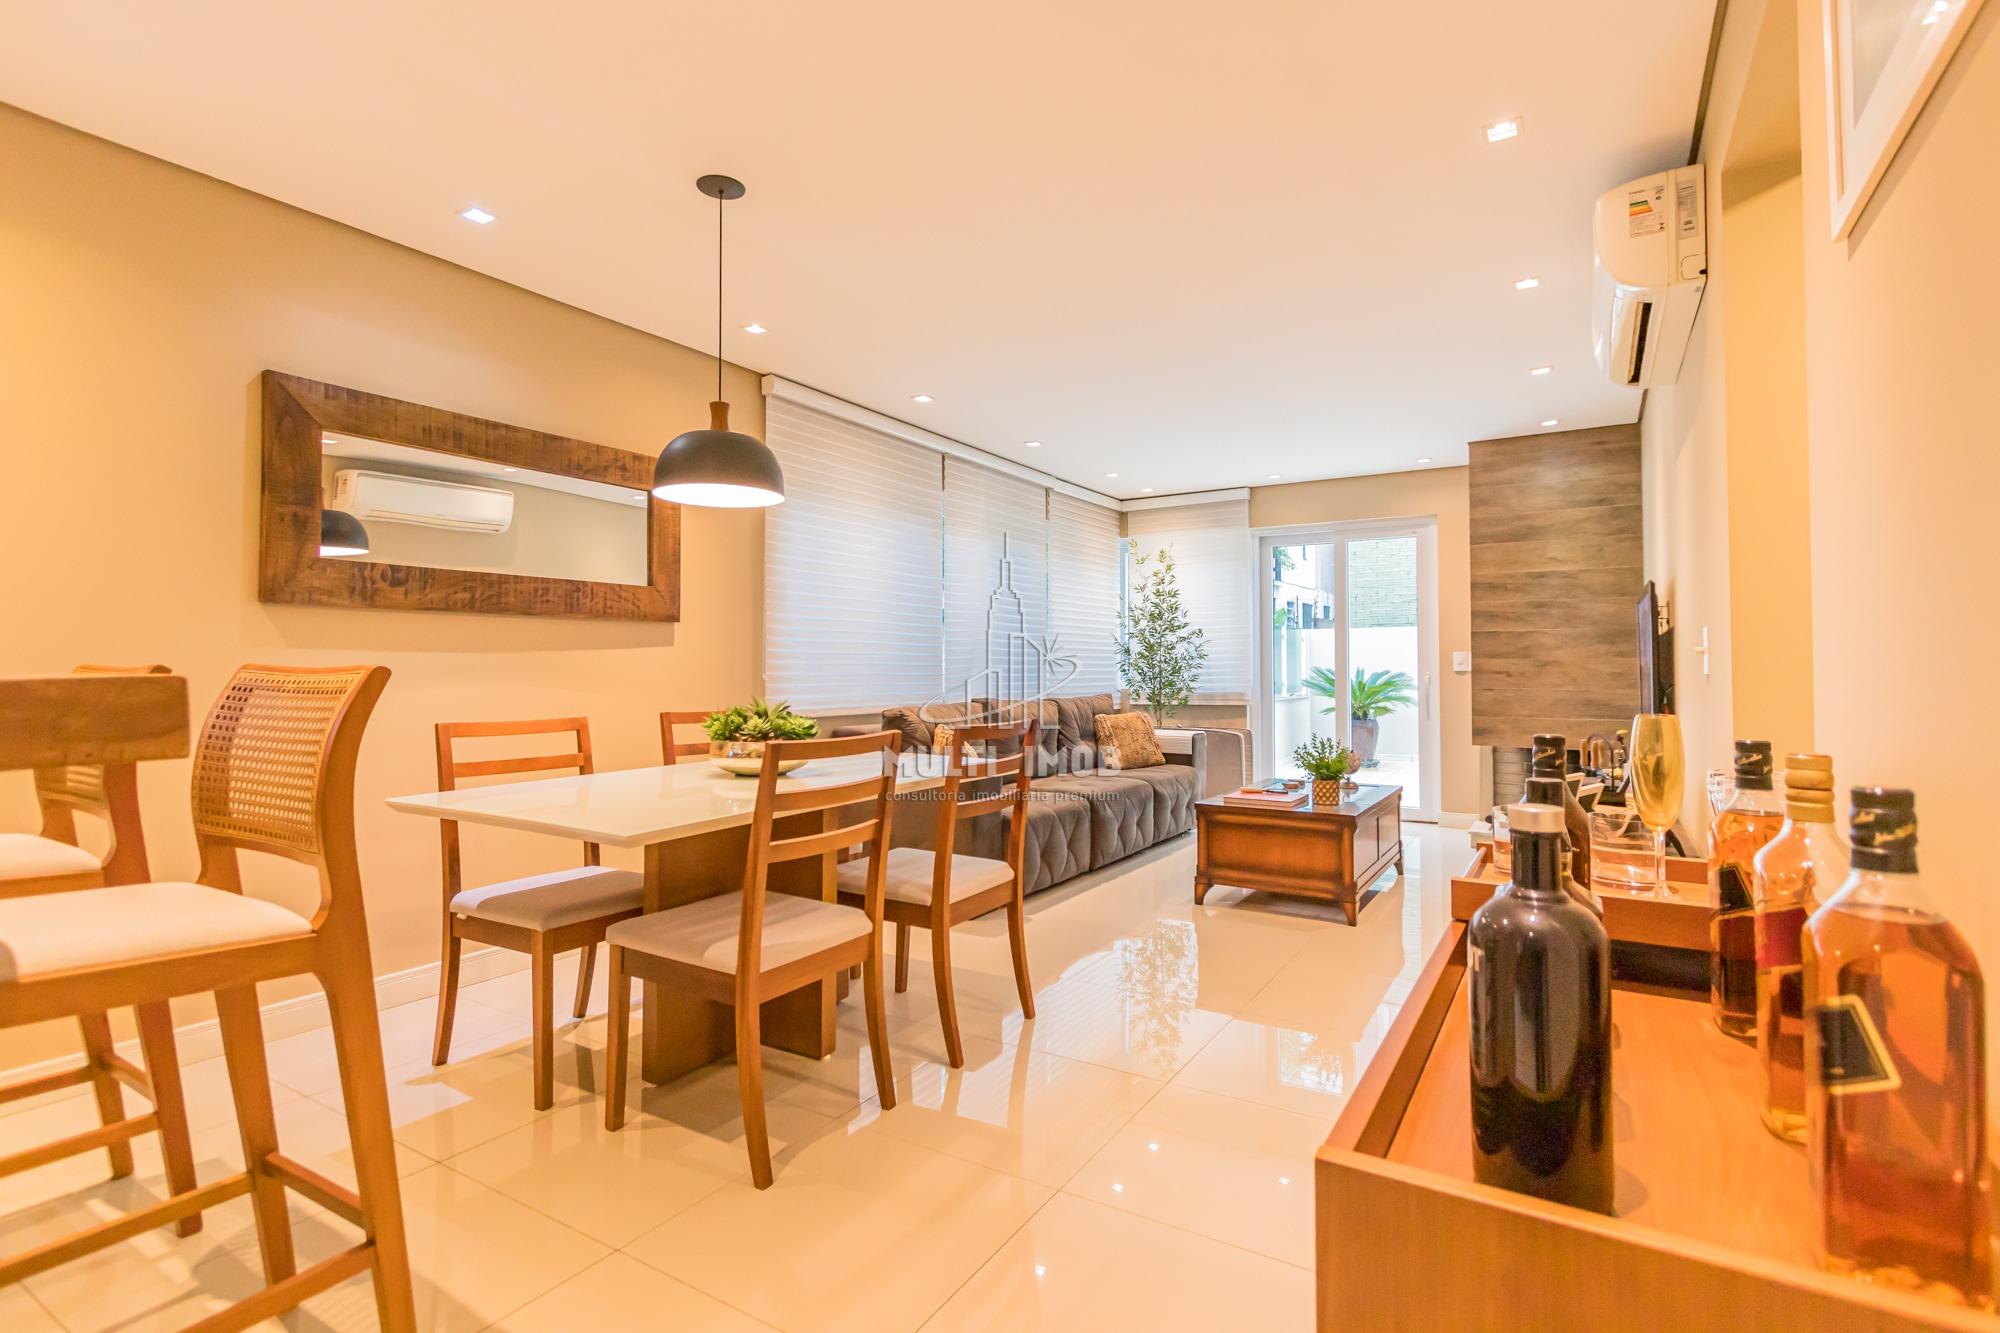 Apartamento Garden  2 Dormitórios  2 Suítes  2 Vagas de Garagem Venda Bairro Chácara das Pedras em Porto Alegre RS